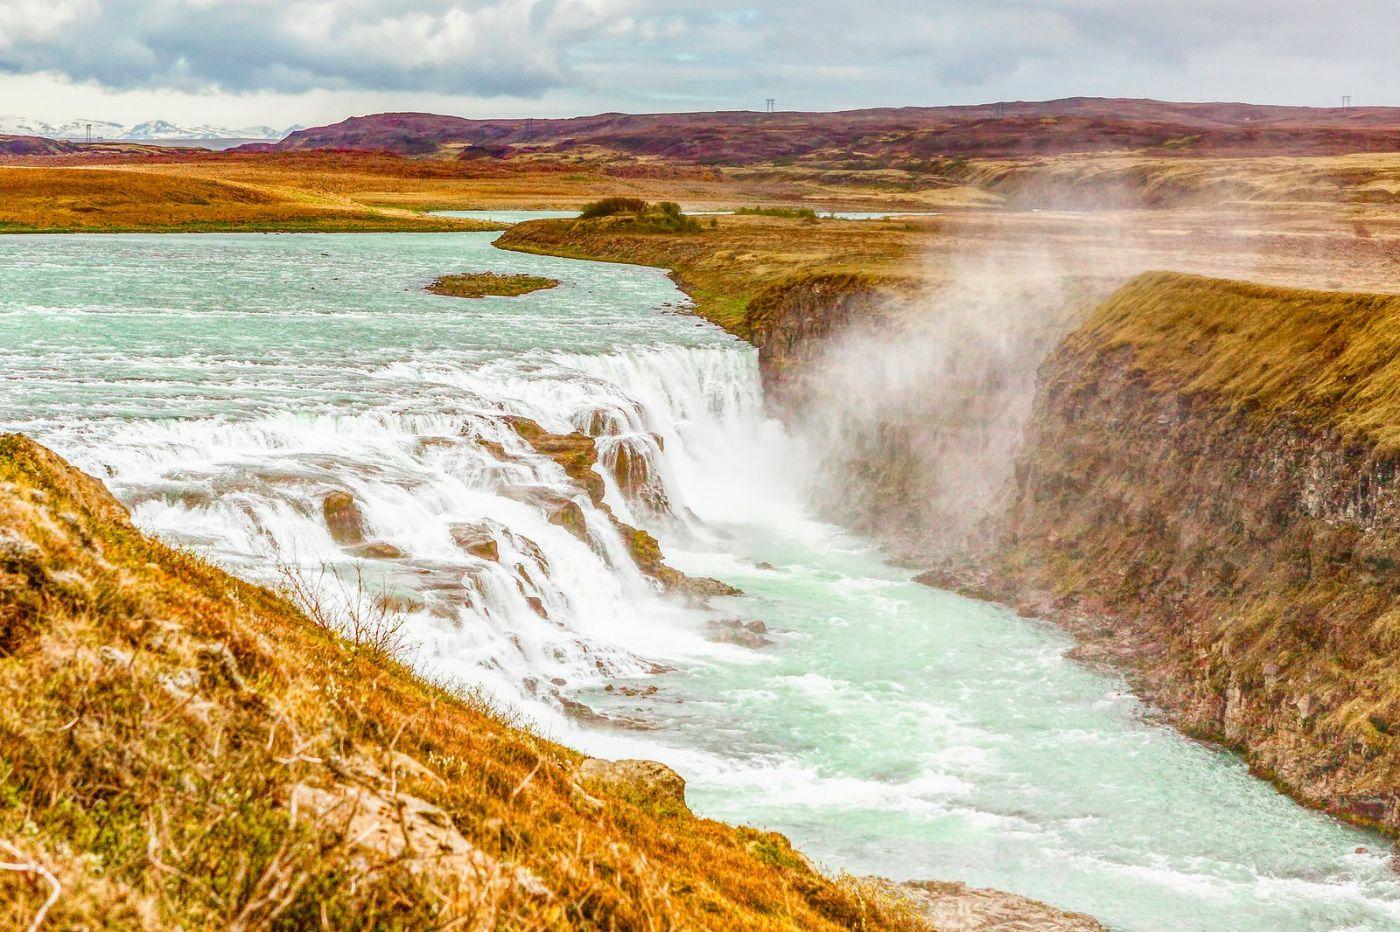 冰岛古佛斯瀑布(Gullfoss),气势磅礴_图1-10